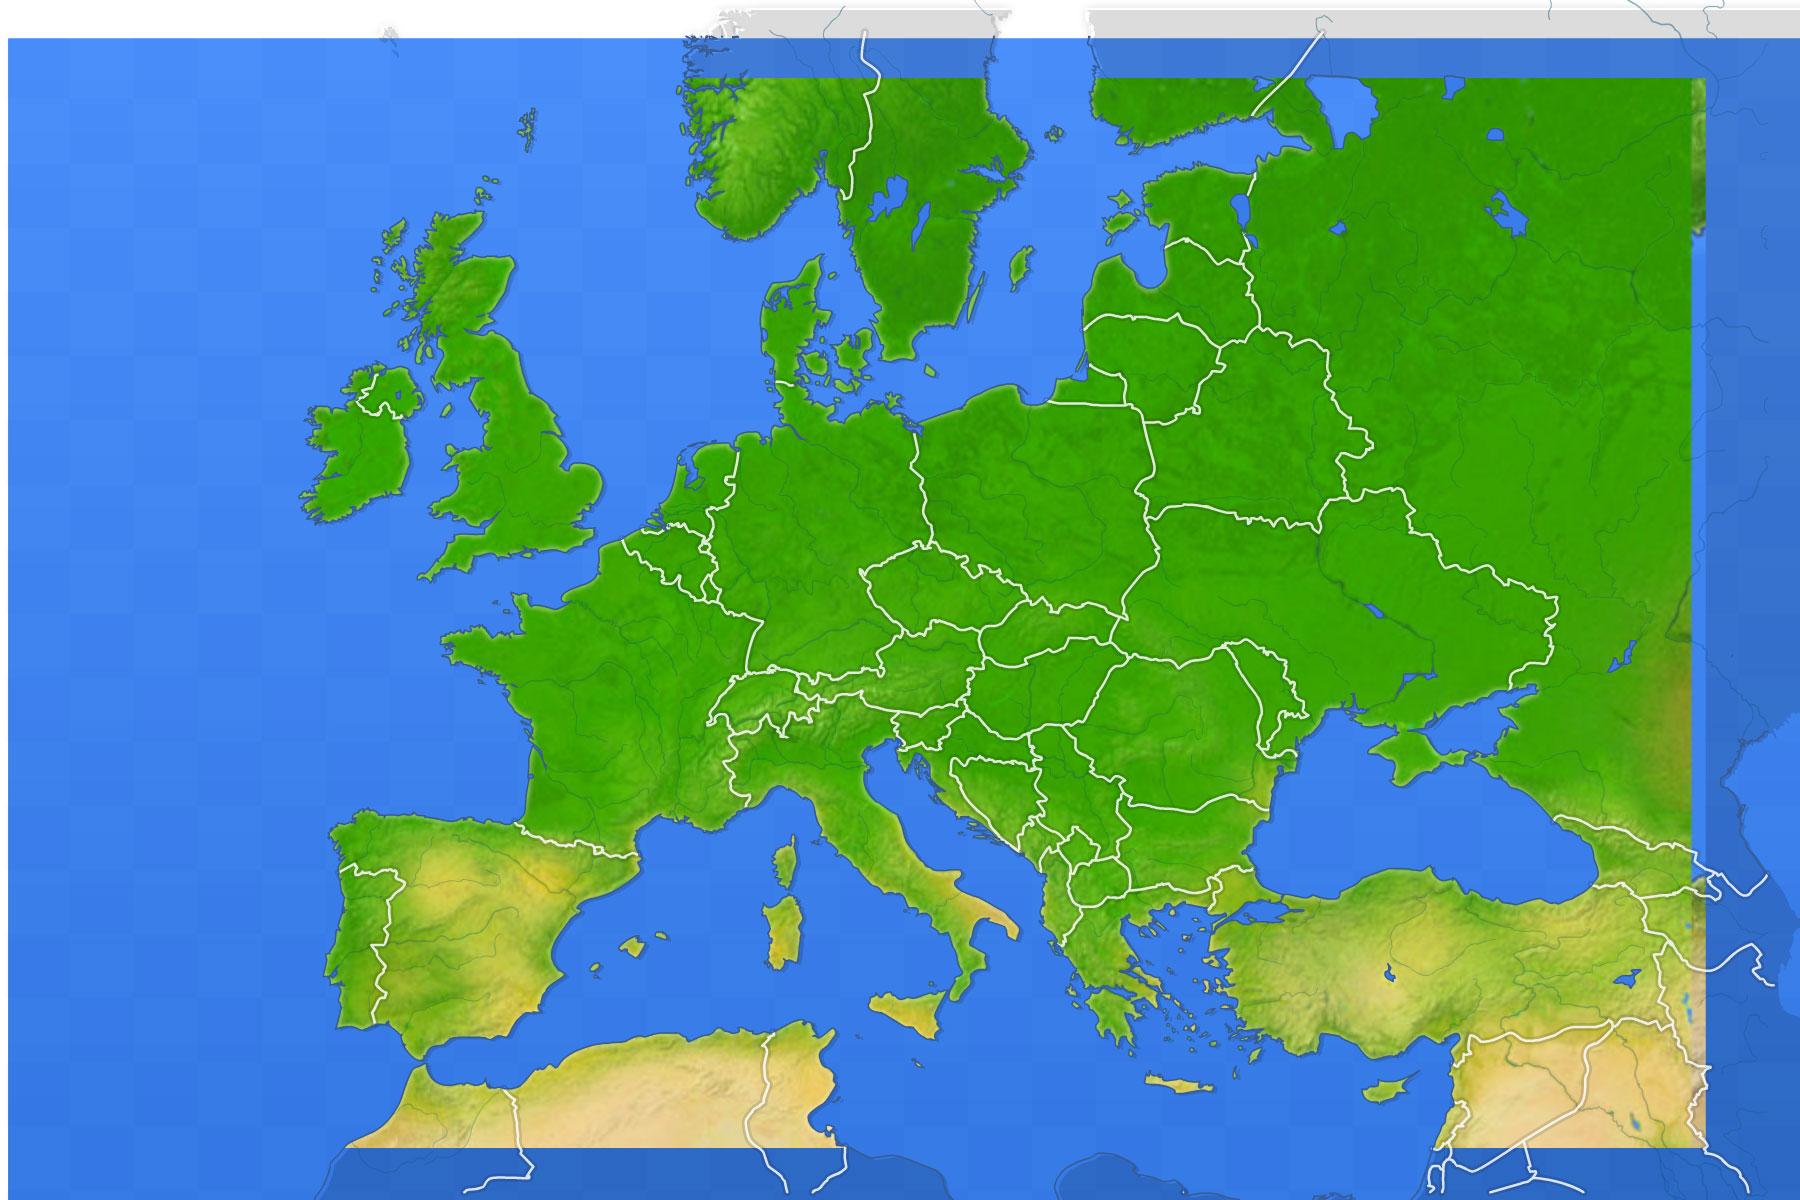 Carte De Leurope Jeux Educatifs.Jeux Geographiques Com Jeux Gratuits Jeu Villes D Europe